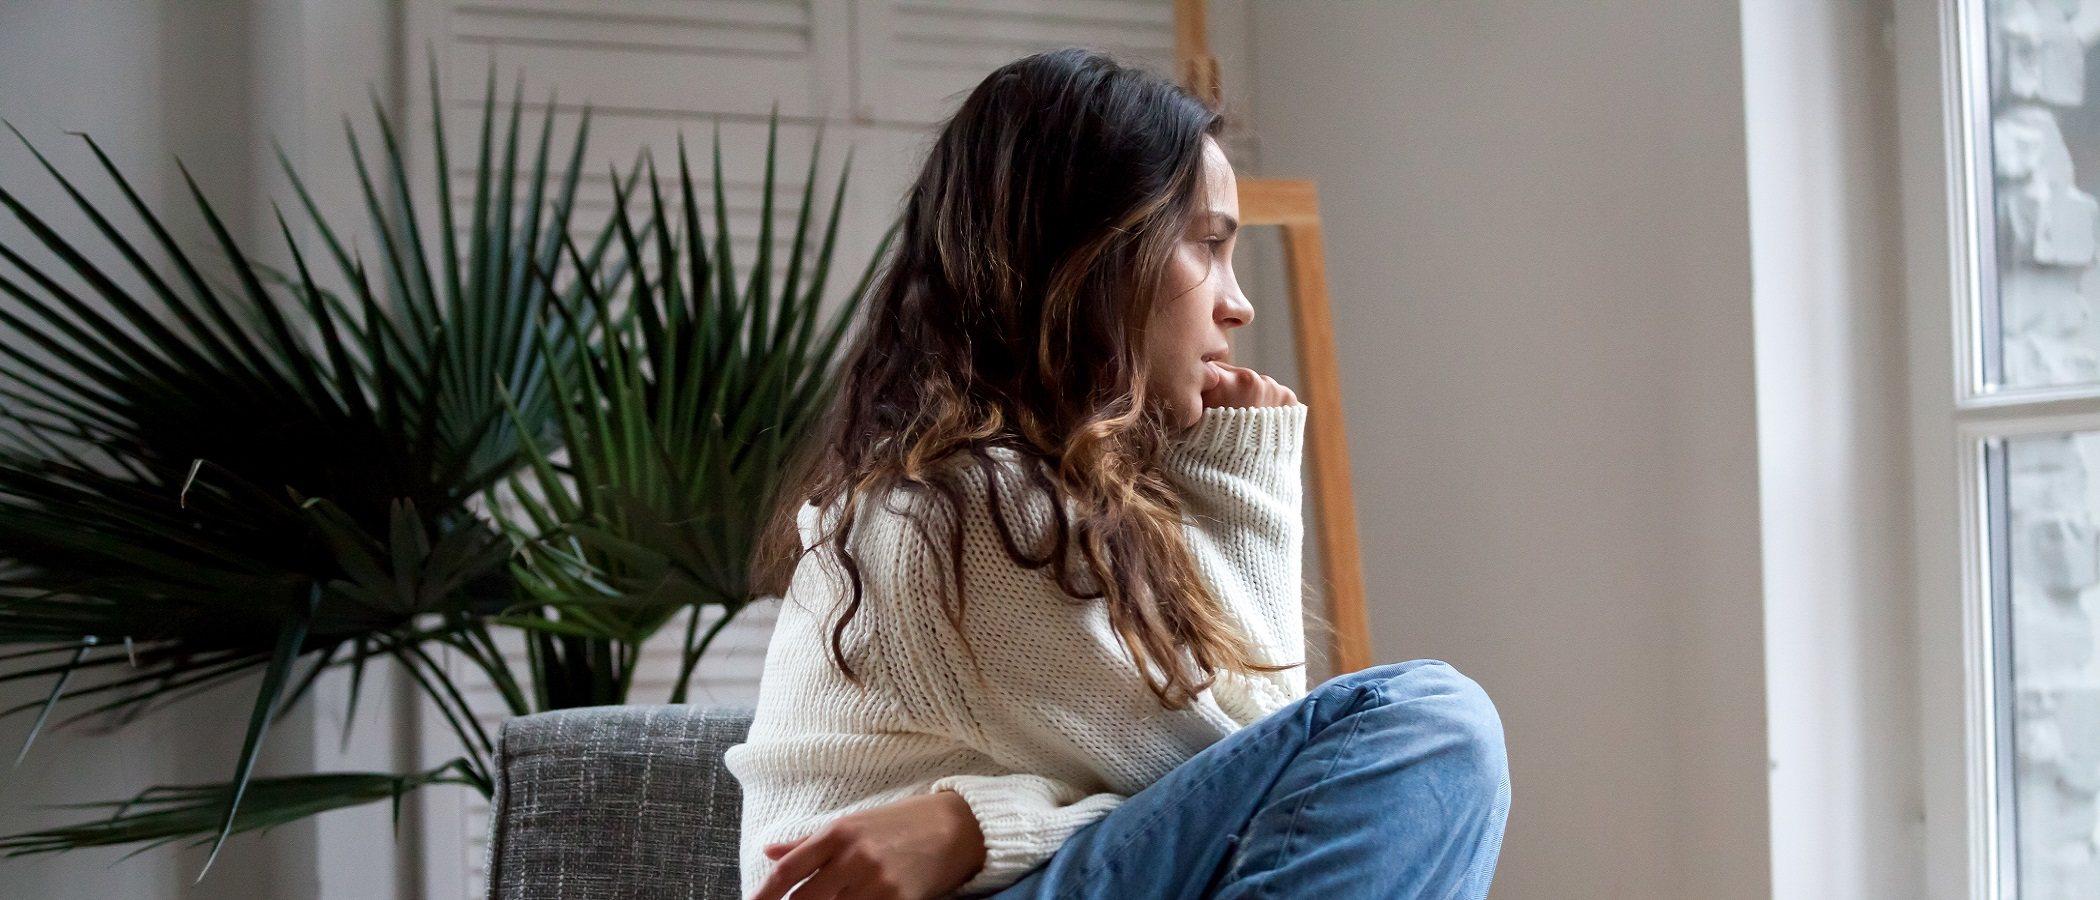 Cómo ayudar a un adolescente que está autodestructivo